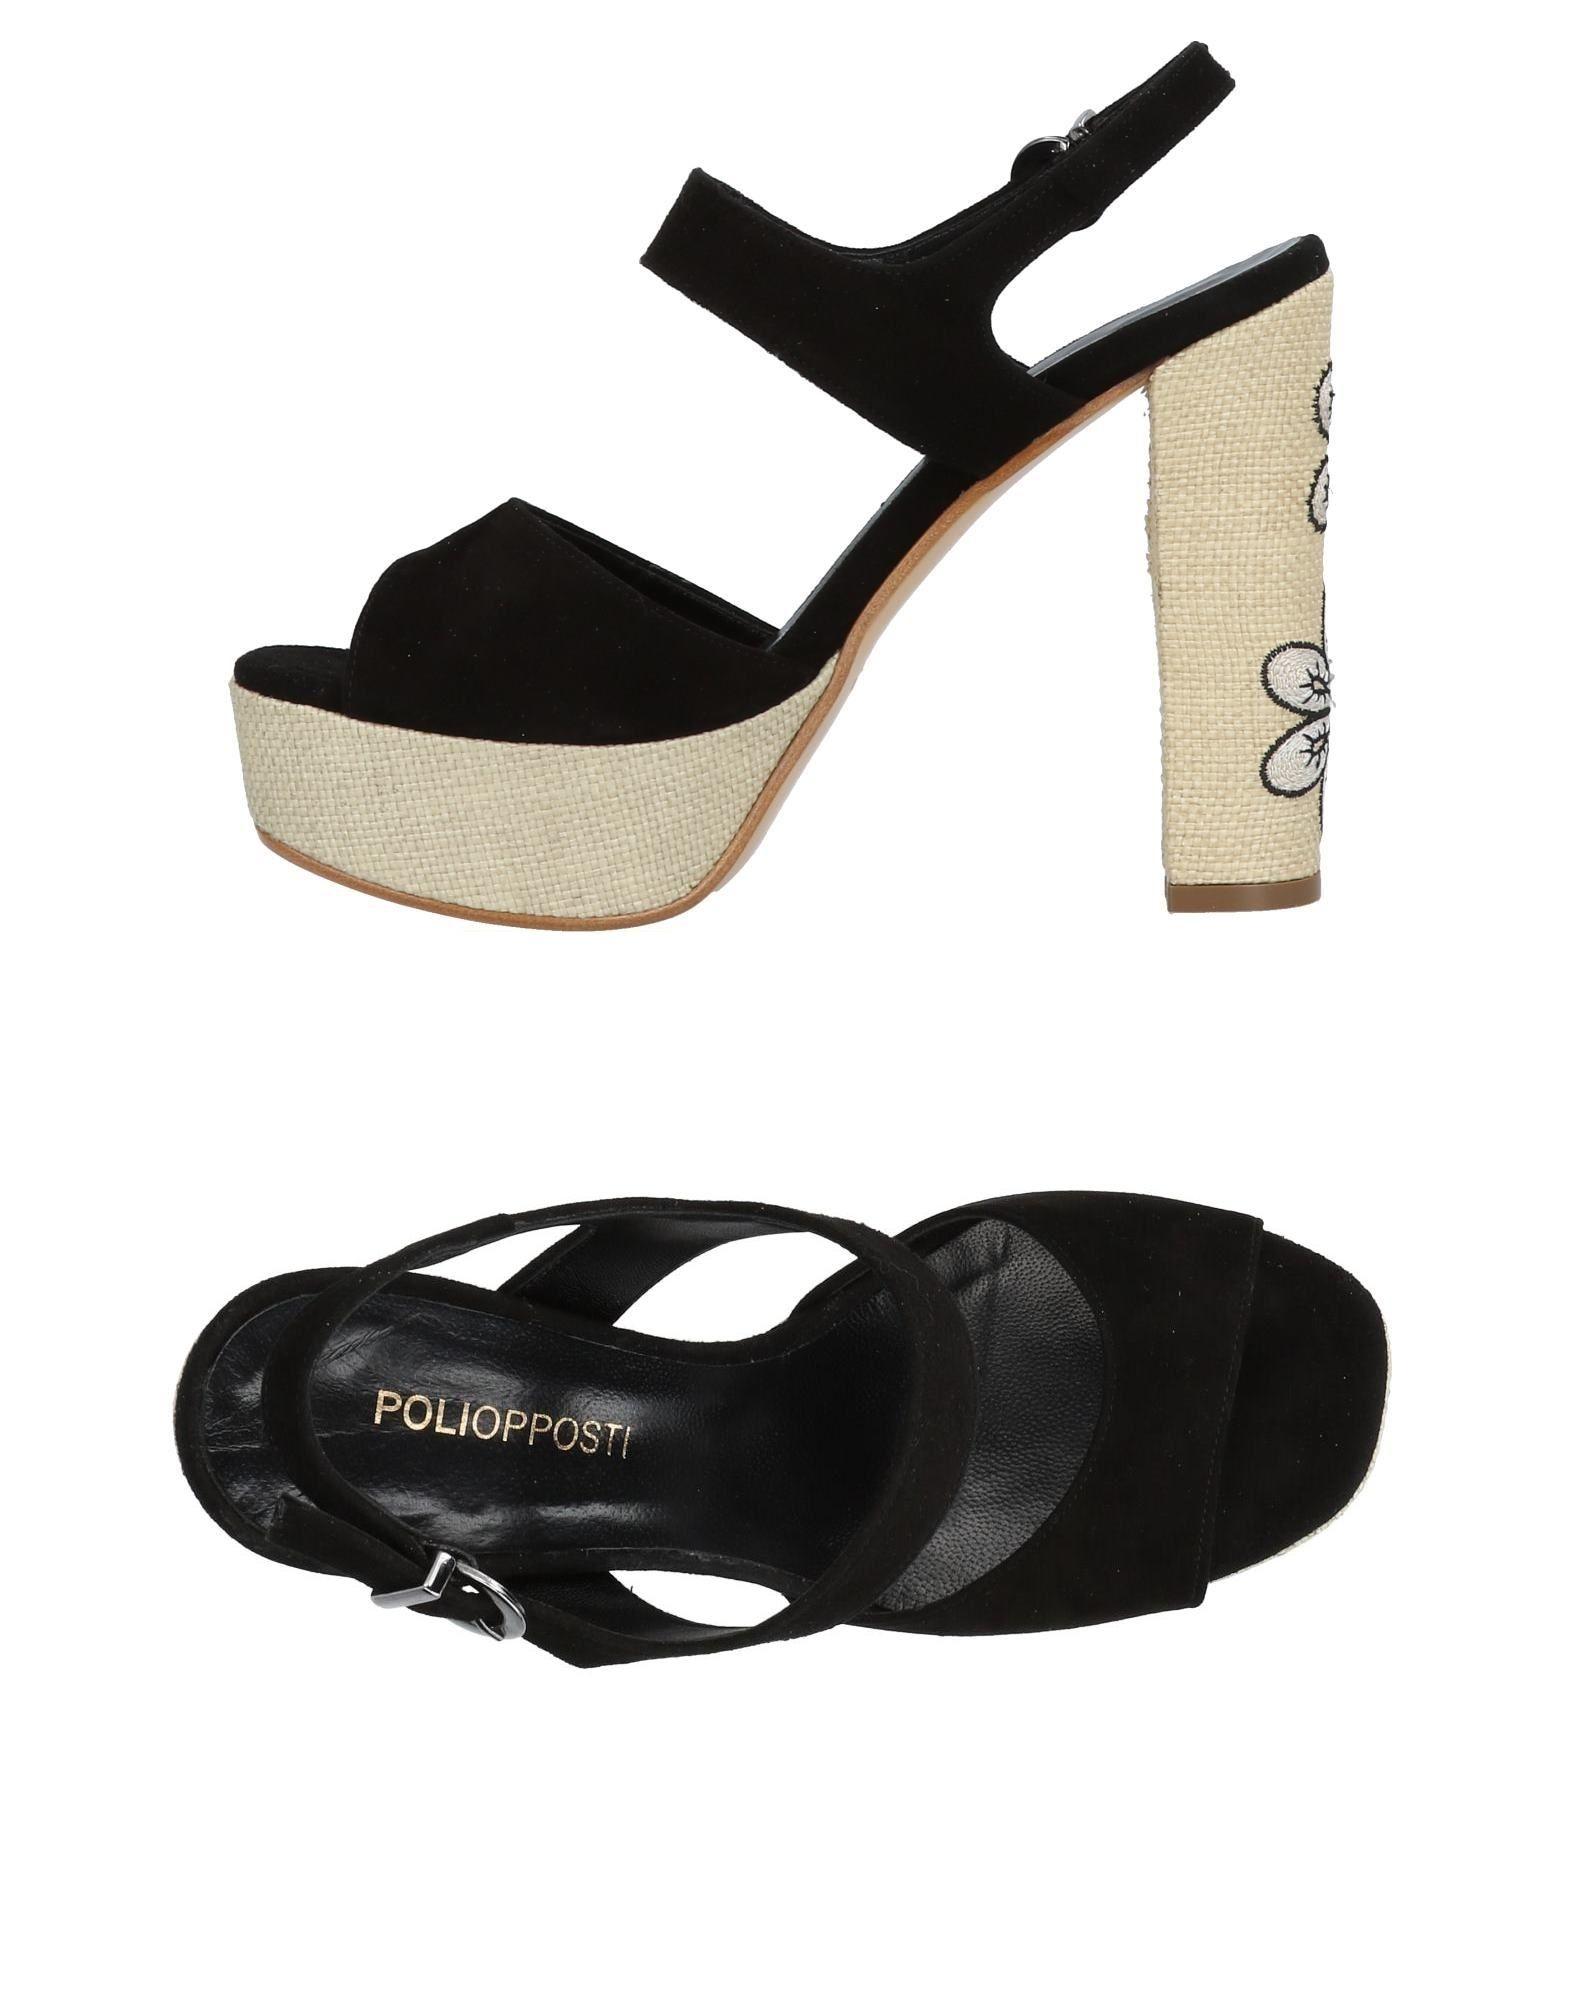 Poliopposti Sandalen Damen  11433035MK Gute Qualität beliebte Schuhe